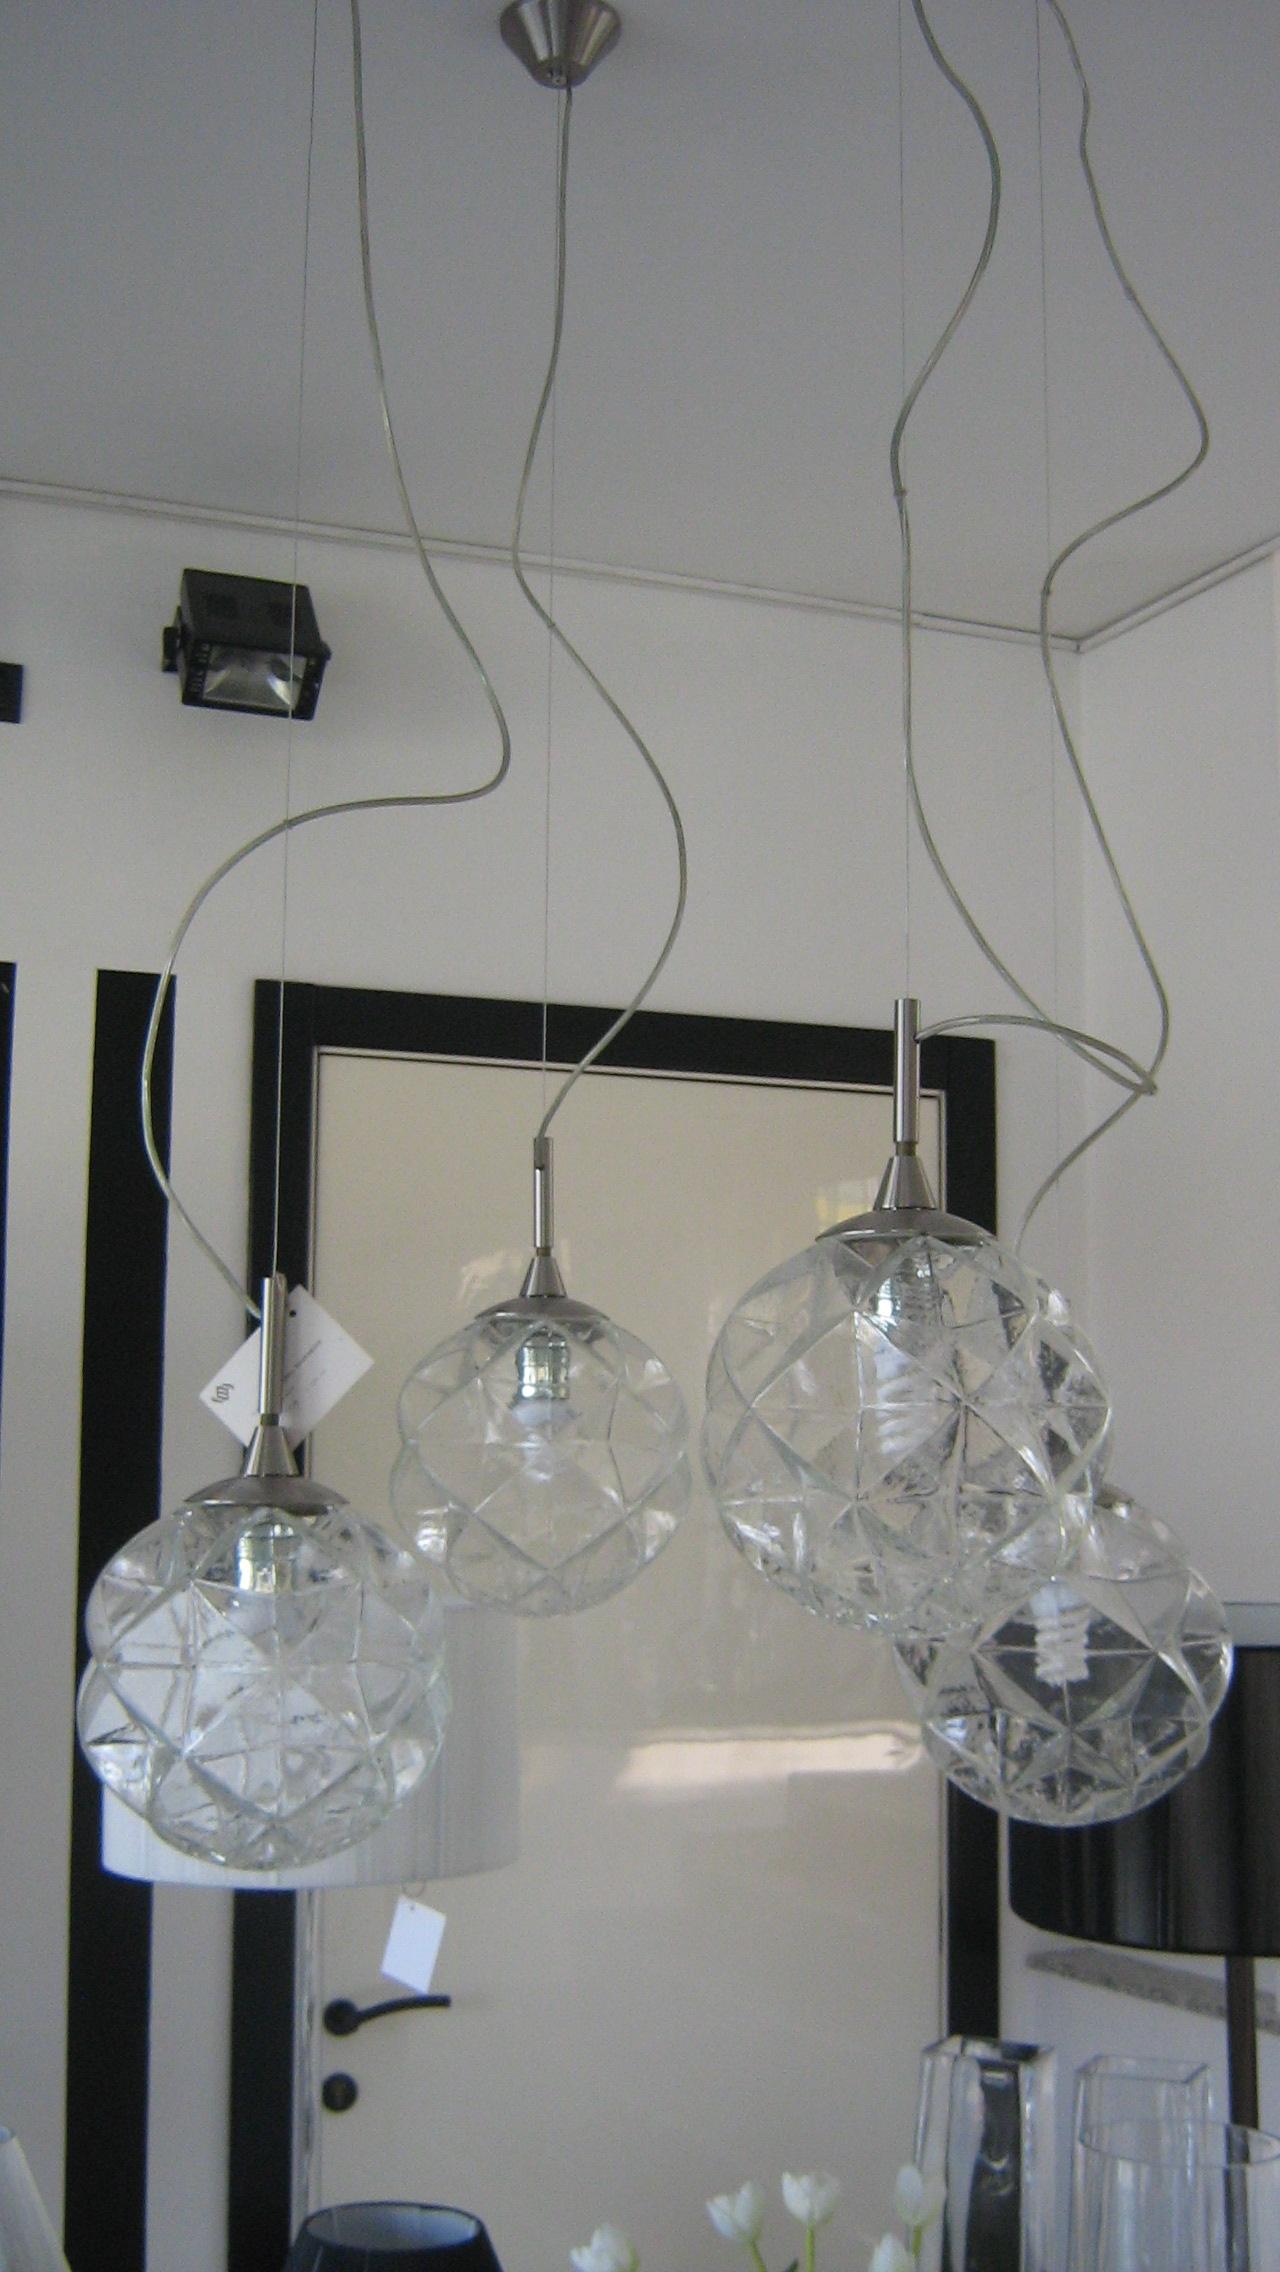 lampadari baga : LAMPADA SOSPENSIONE PLANET - Illuminazione a prezzi scontati